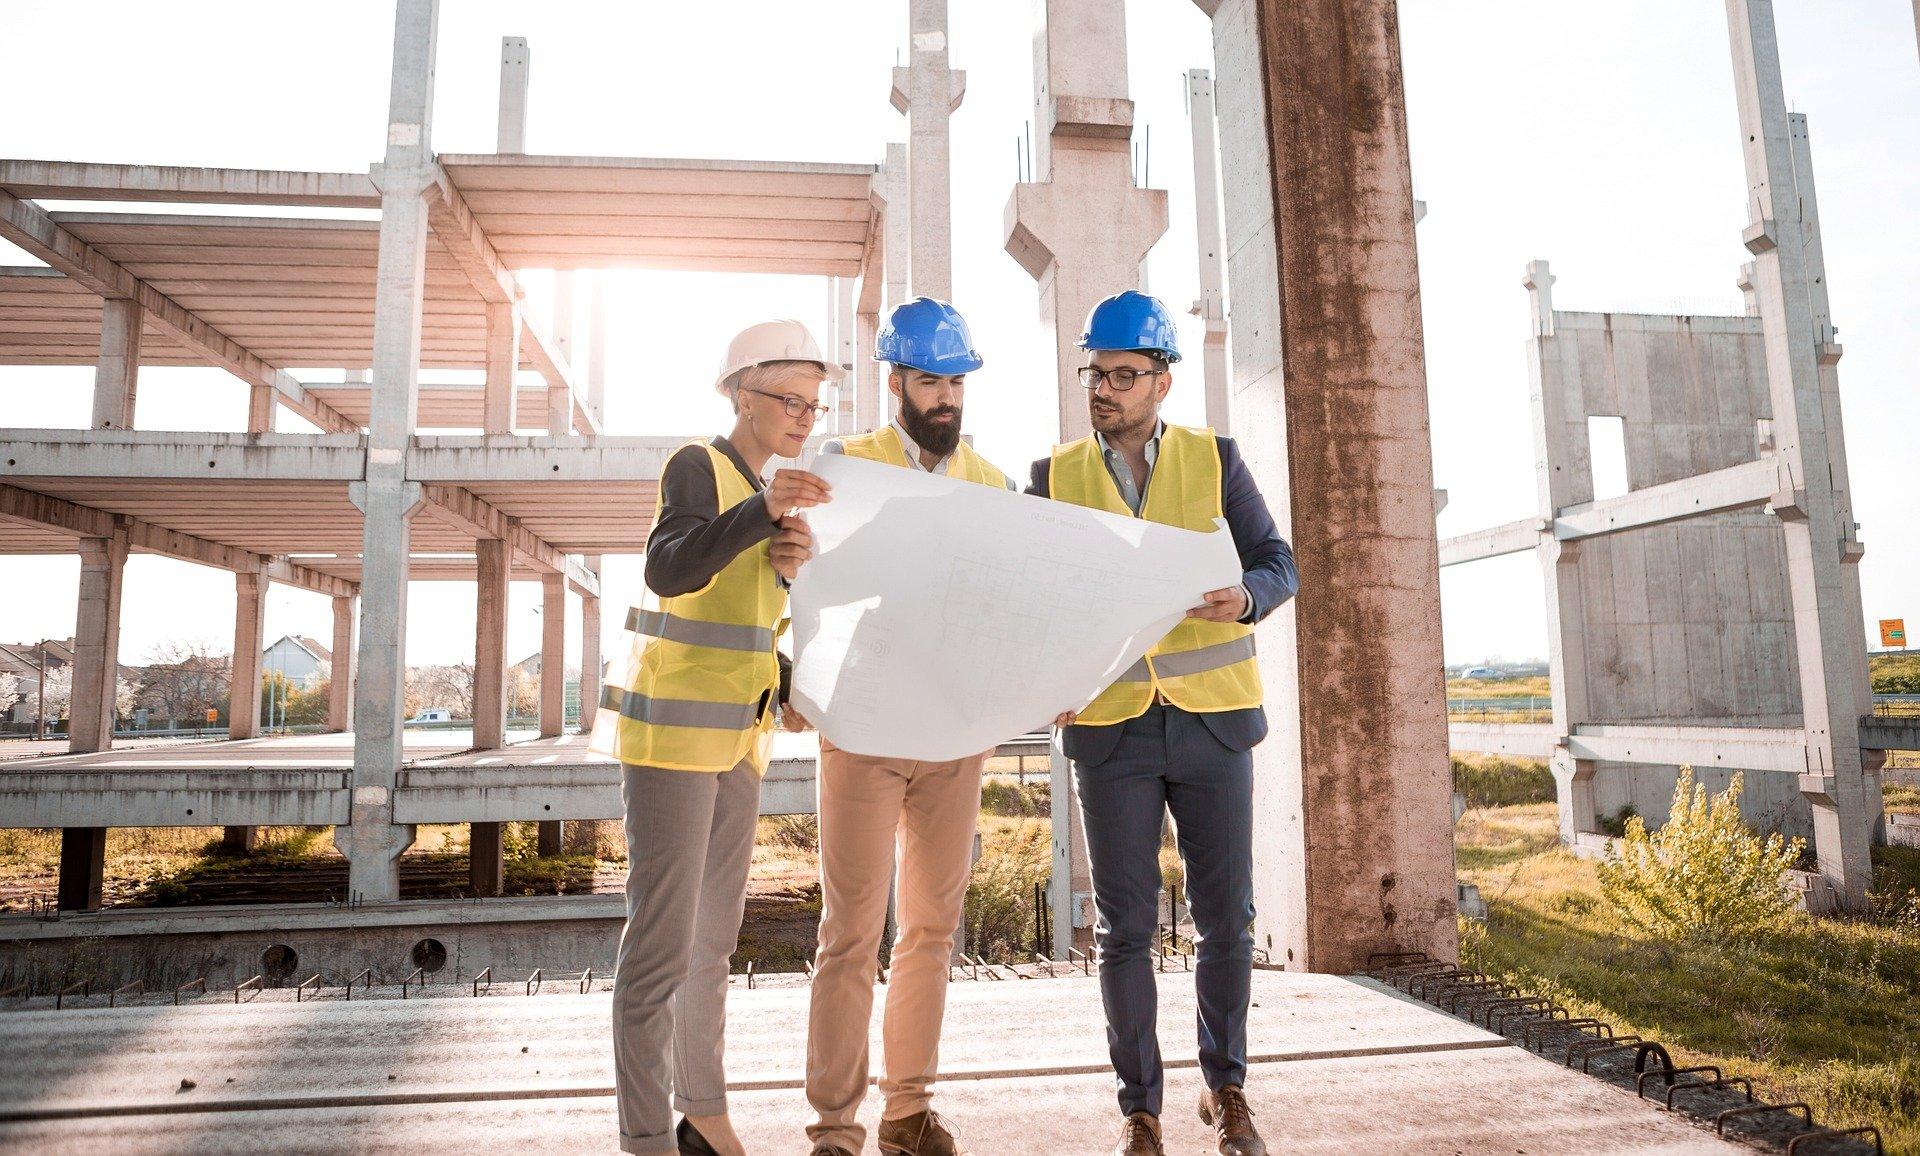 garbsen Baustellenüberwachung, Baustellenbewachung Sicherheitsdienst Baustelle, Bau bewachen